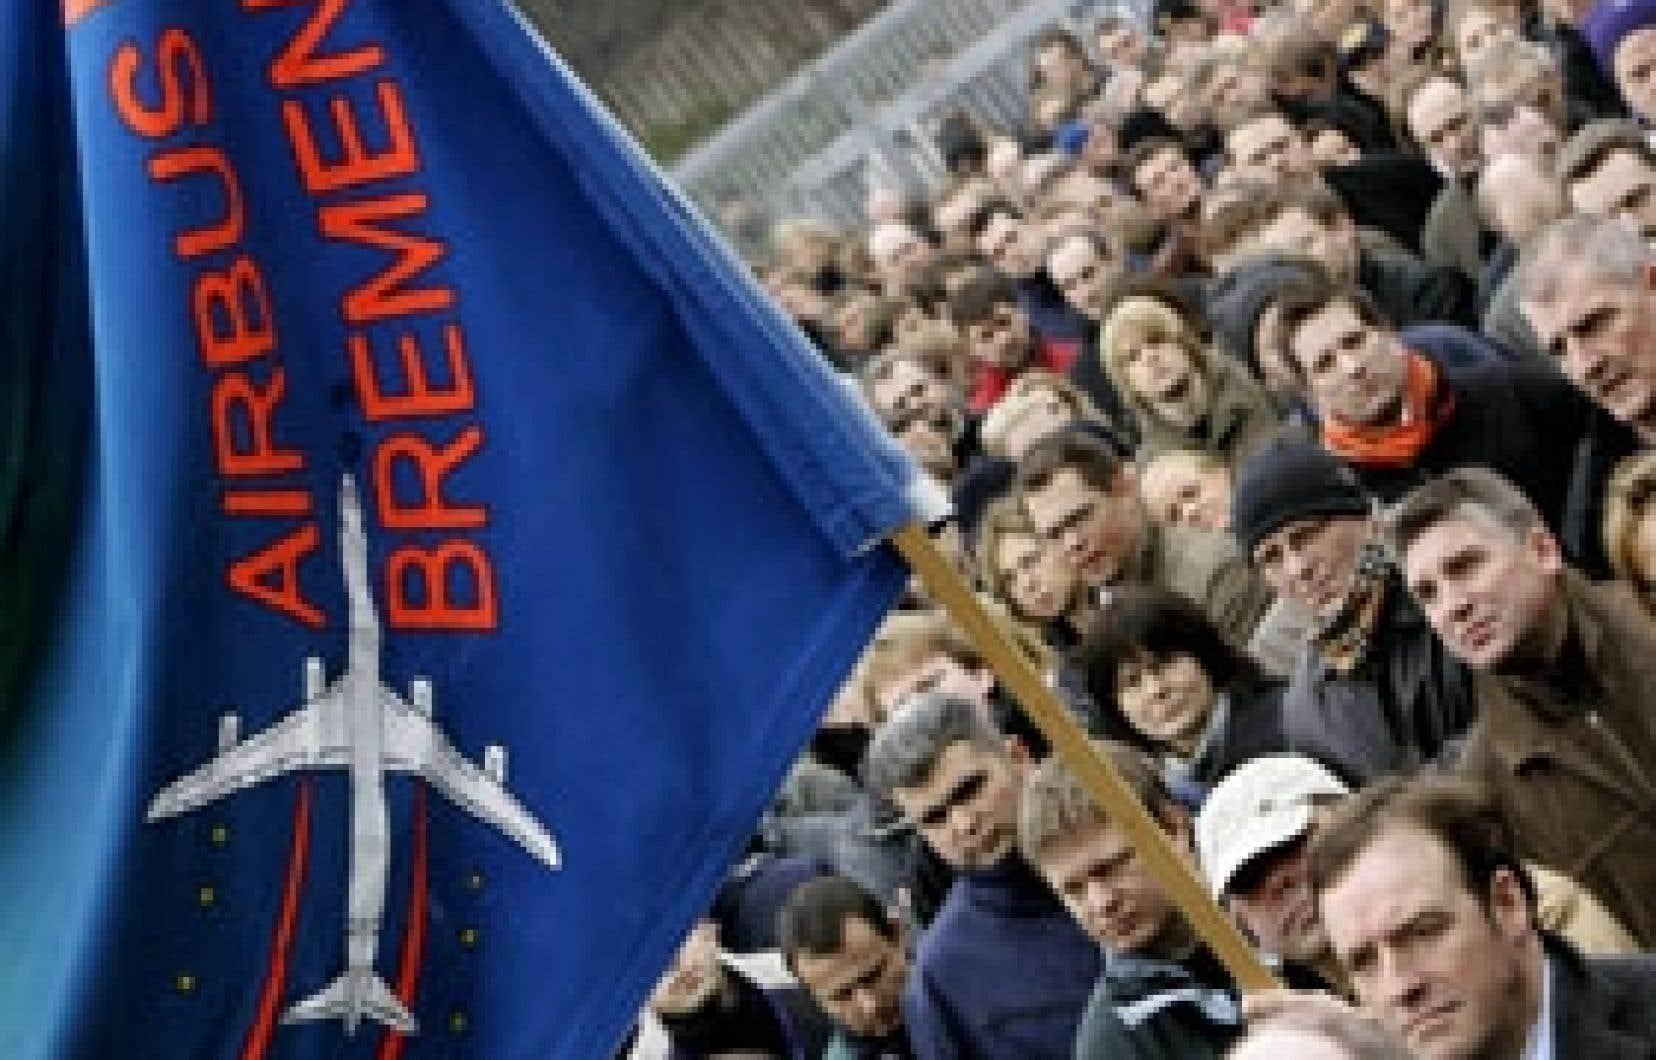 Les syndicats allemands ont rassemblé 25 000 personnes vendredi autour des sept usines allemandes du groupe Airbus. Ils craignent 500 à 8000 suppressions d'emplois, et le quotidien Die Welt citait vendredi un document confidentiel d'Airbus à Toulo